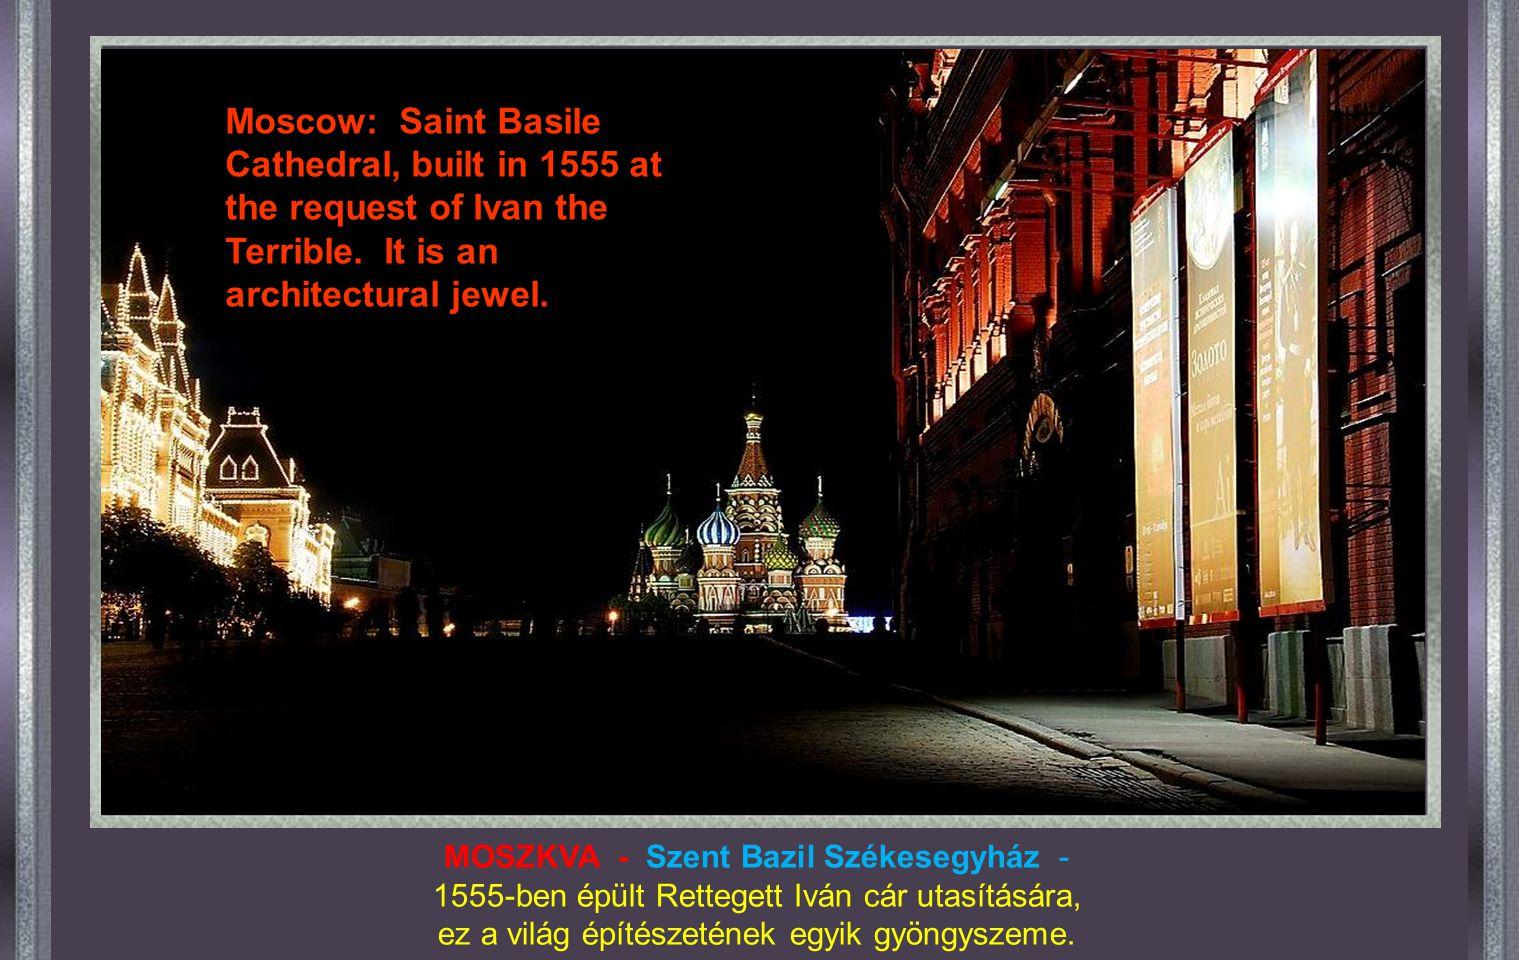 MOSZKVA - Szent Bazil Székesegyház - 1555-ben épült Rettegett Iván cár utasítására, ez a világ építészetének egyik gyöngyszeme.